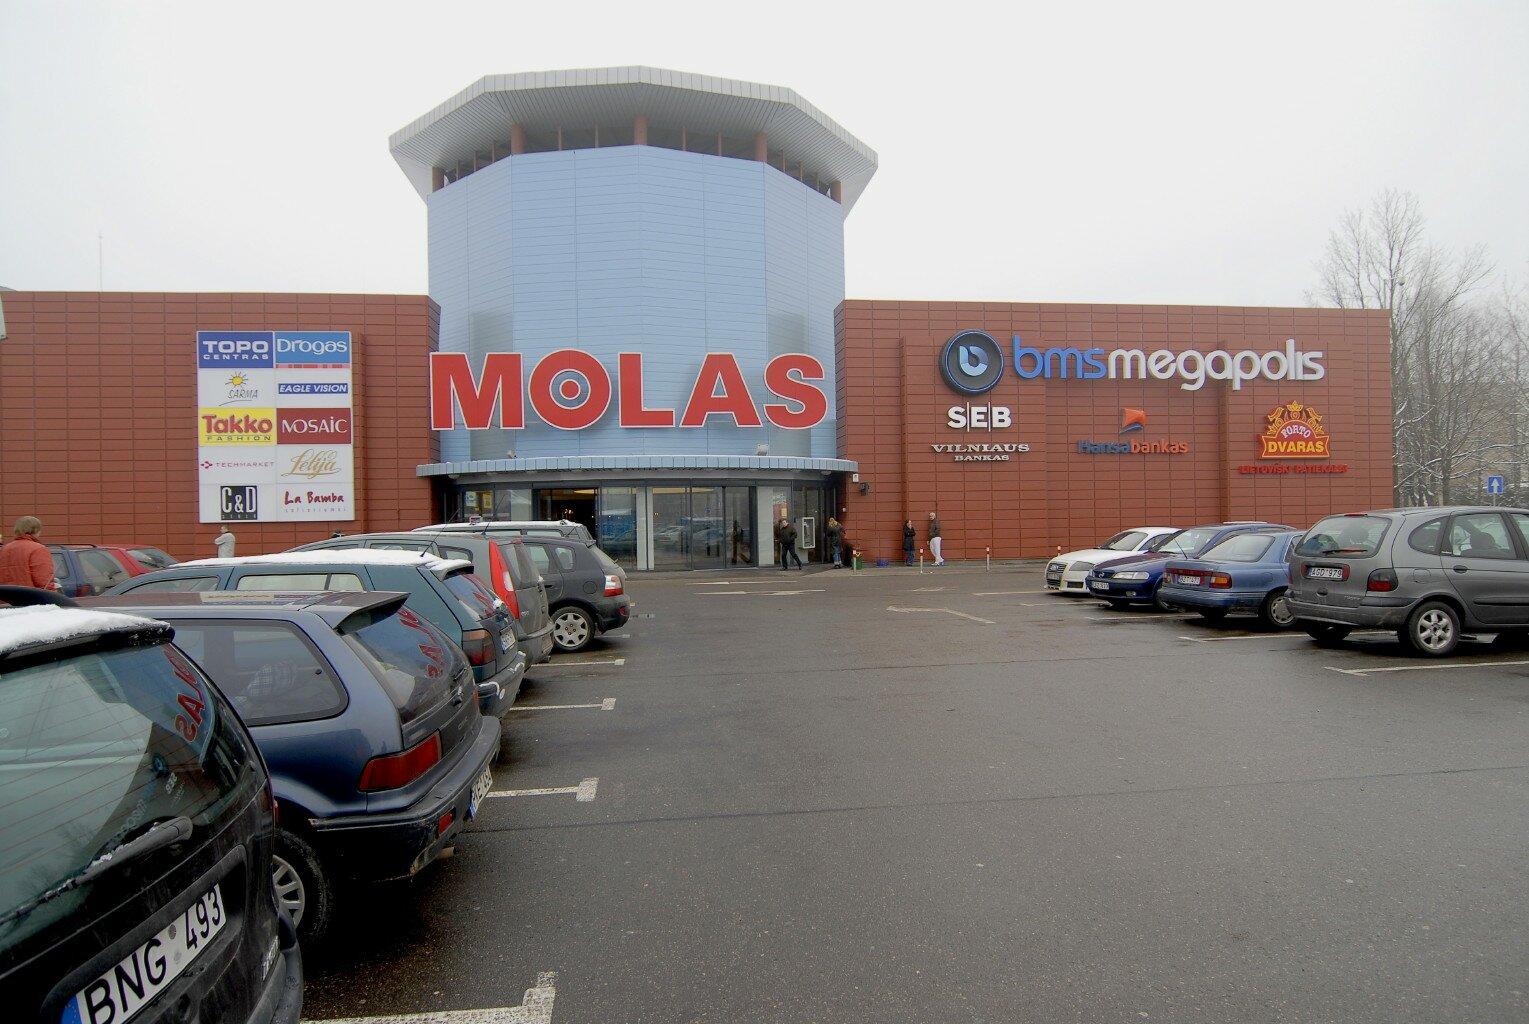 Molas prekybos ir paslaugų centras kaunas